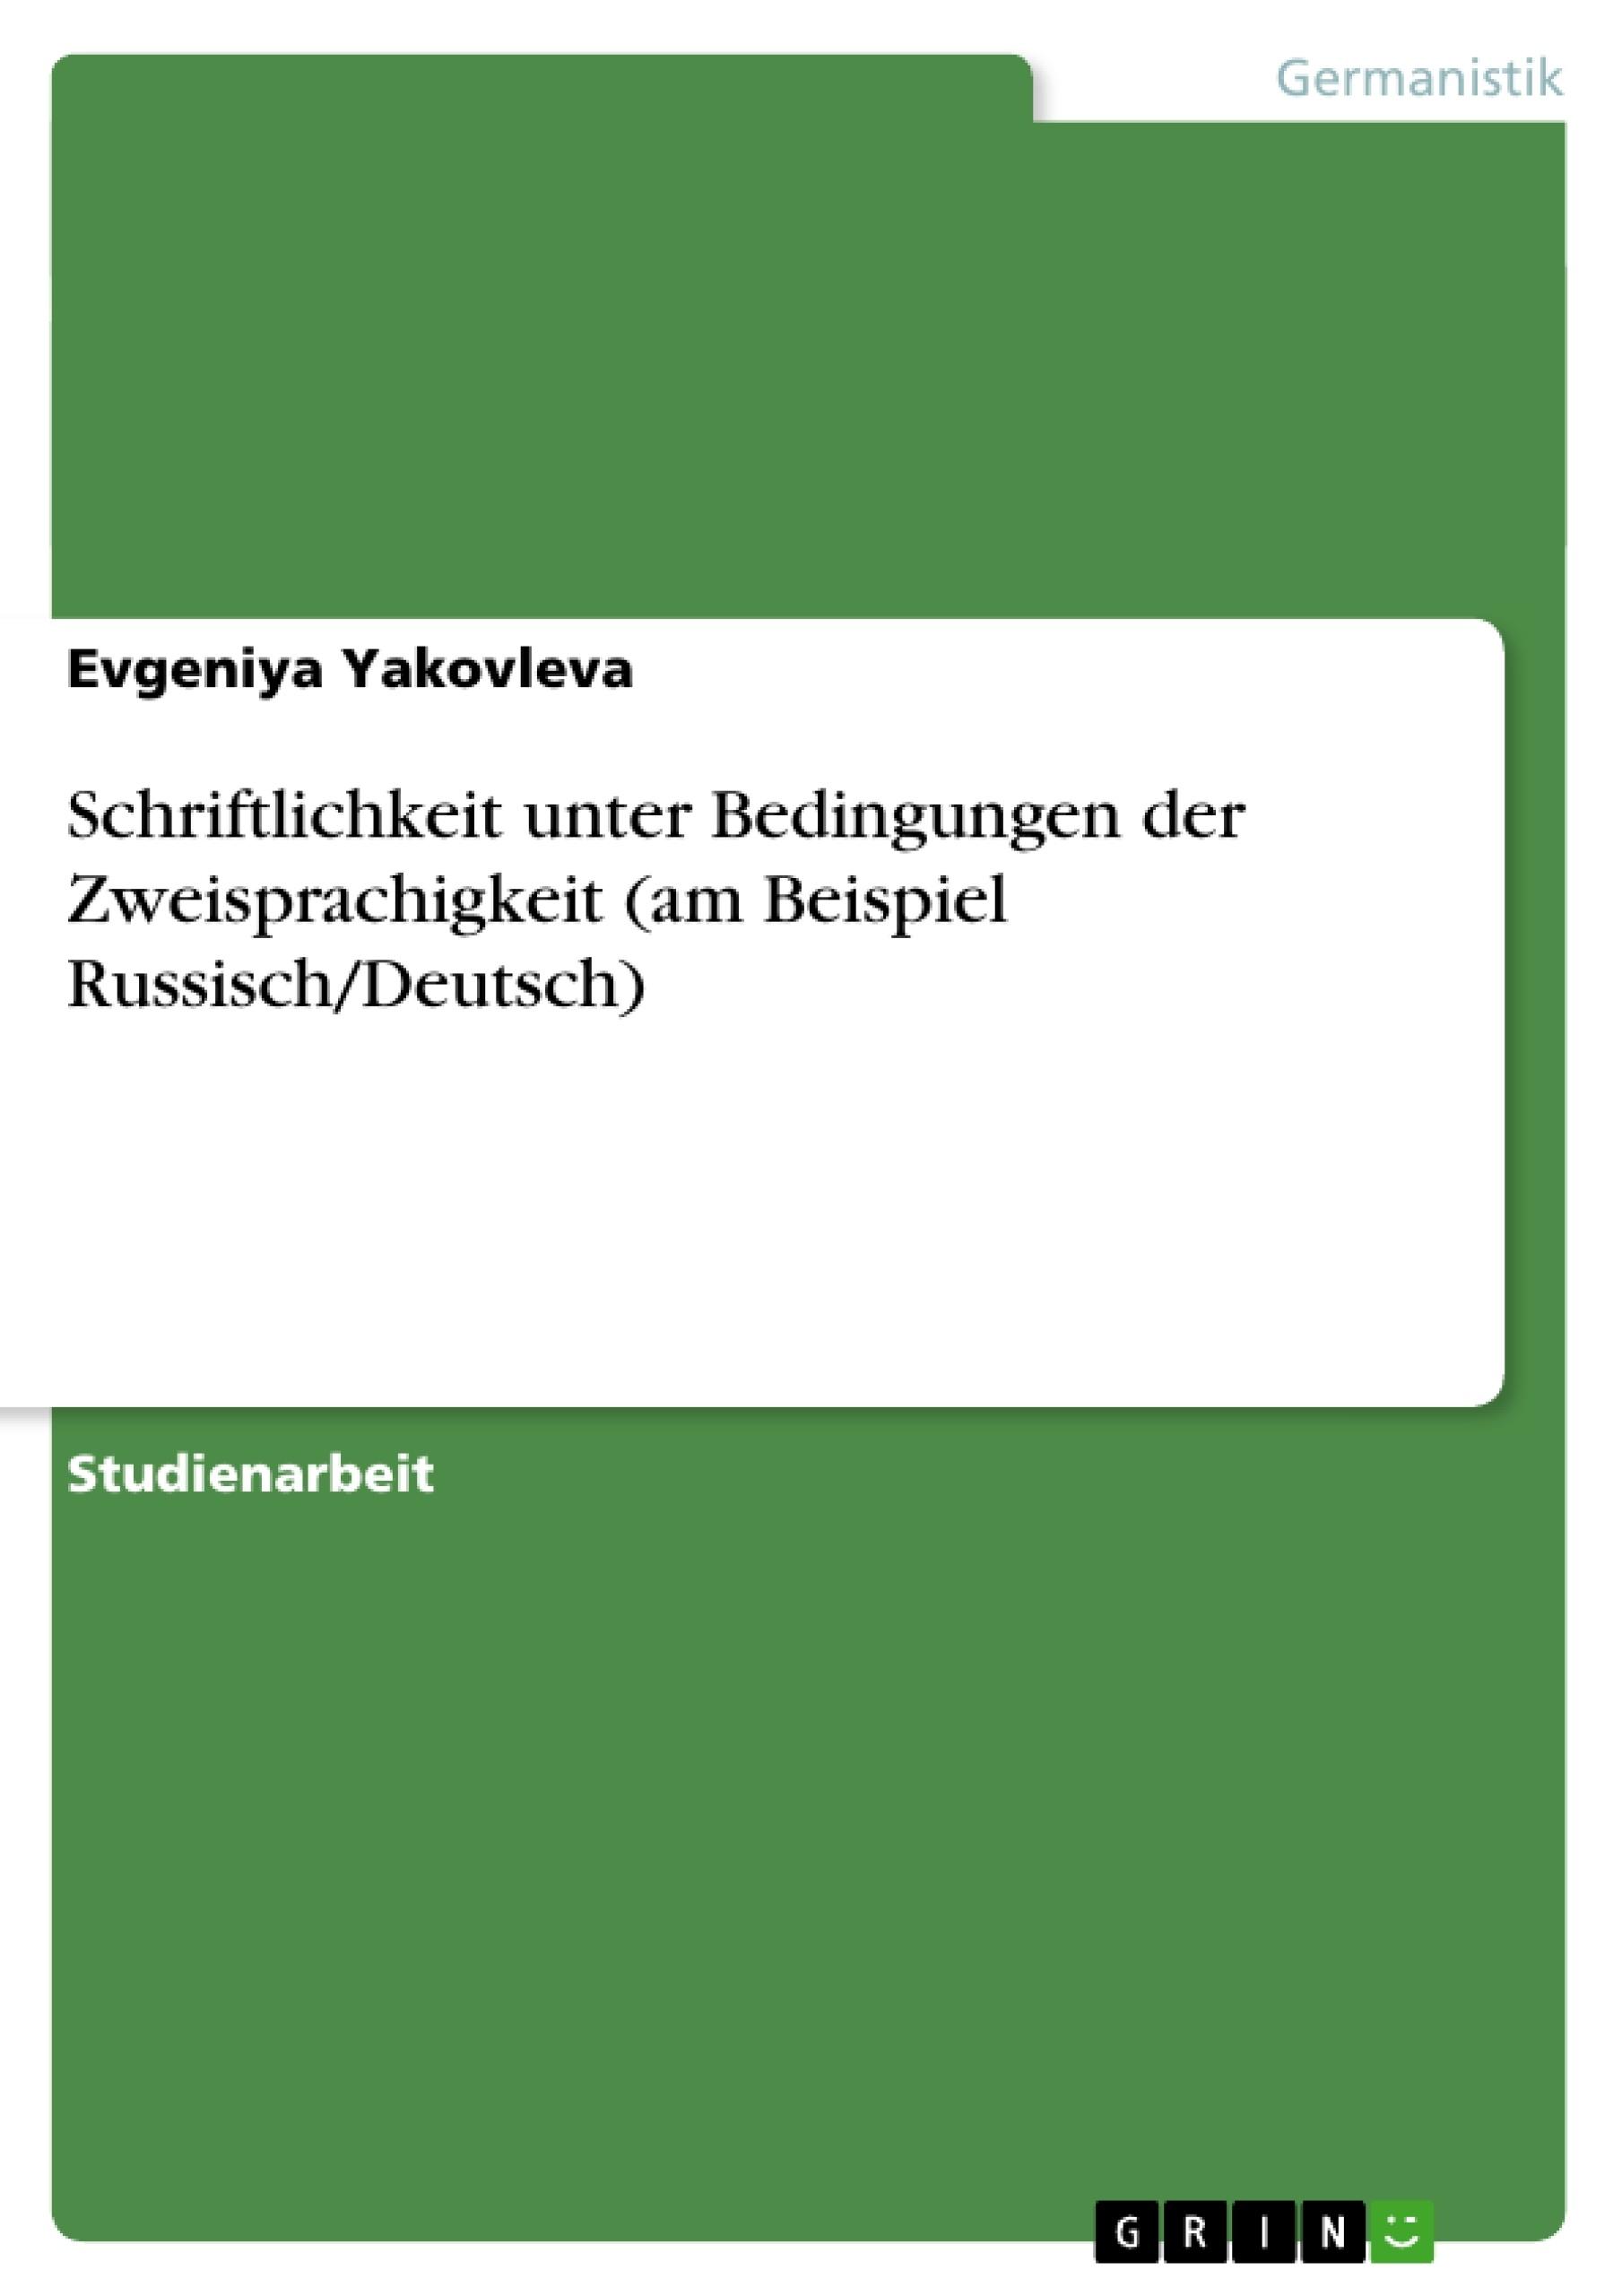 Titel: Schriftlichkeit unter Bedingungen der Zweisprachigkeit (am Beispiel Russisch/Deutsch)